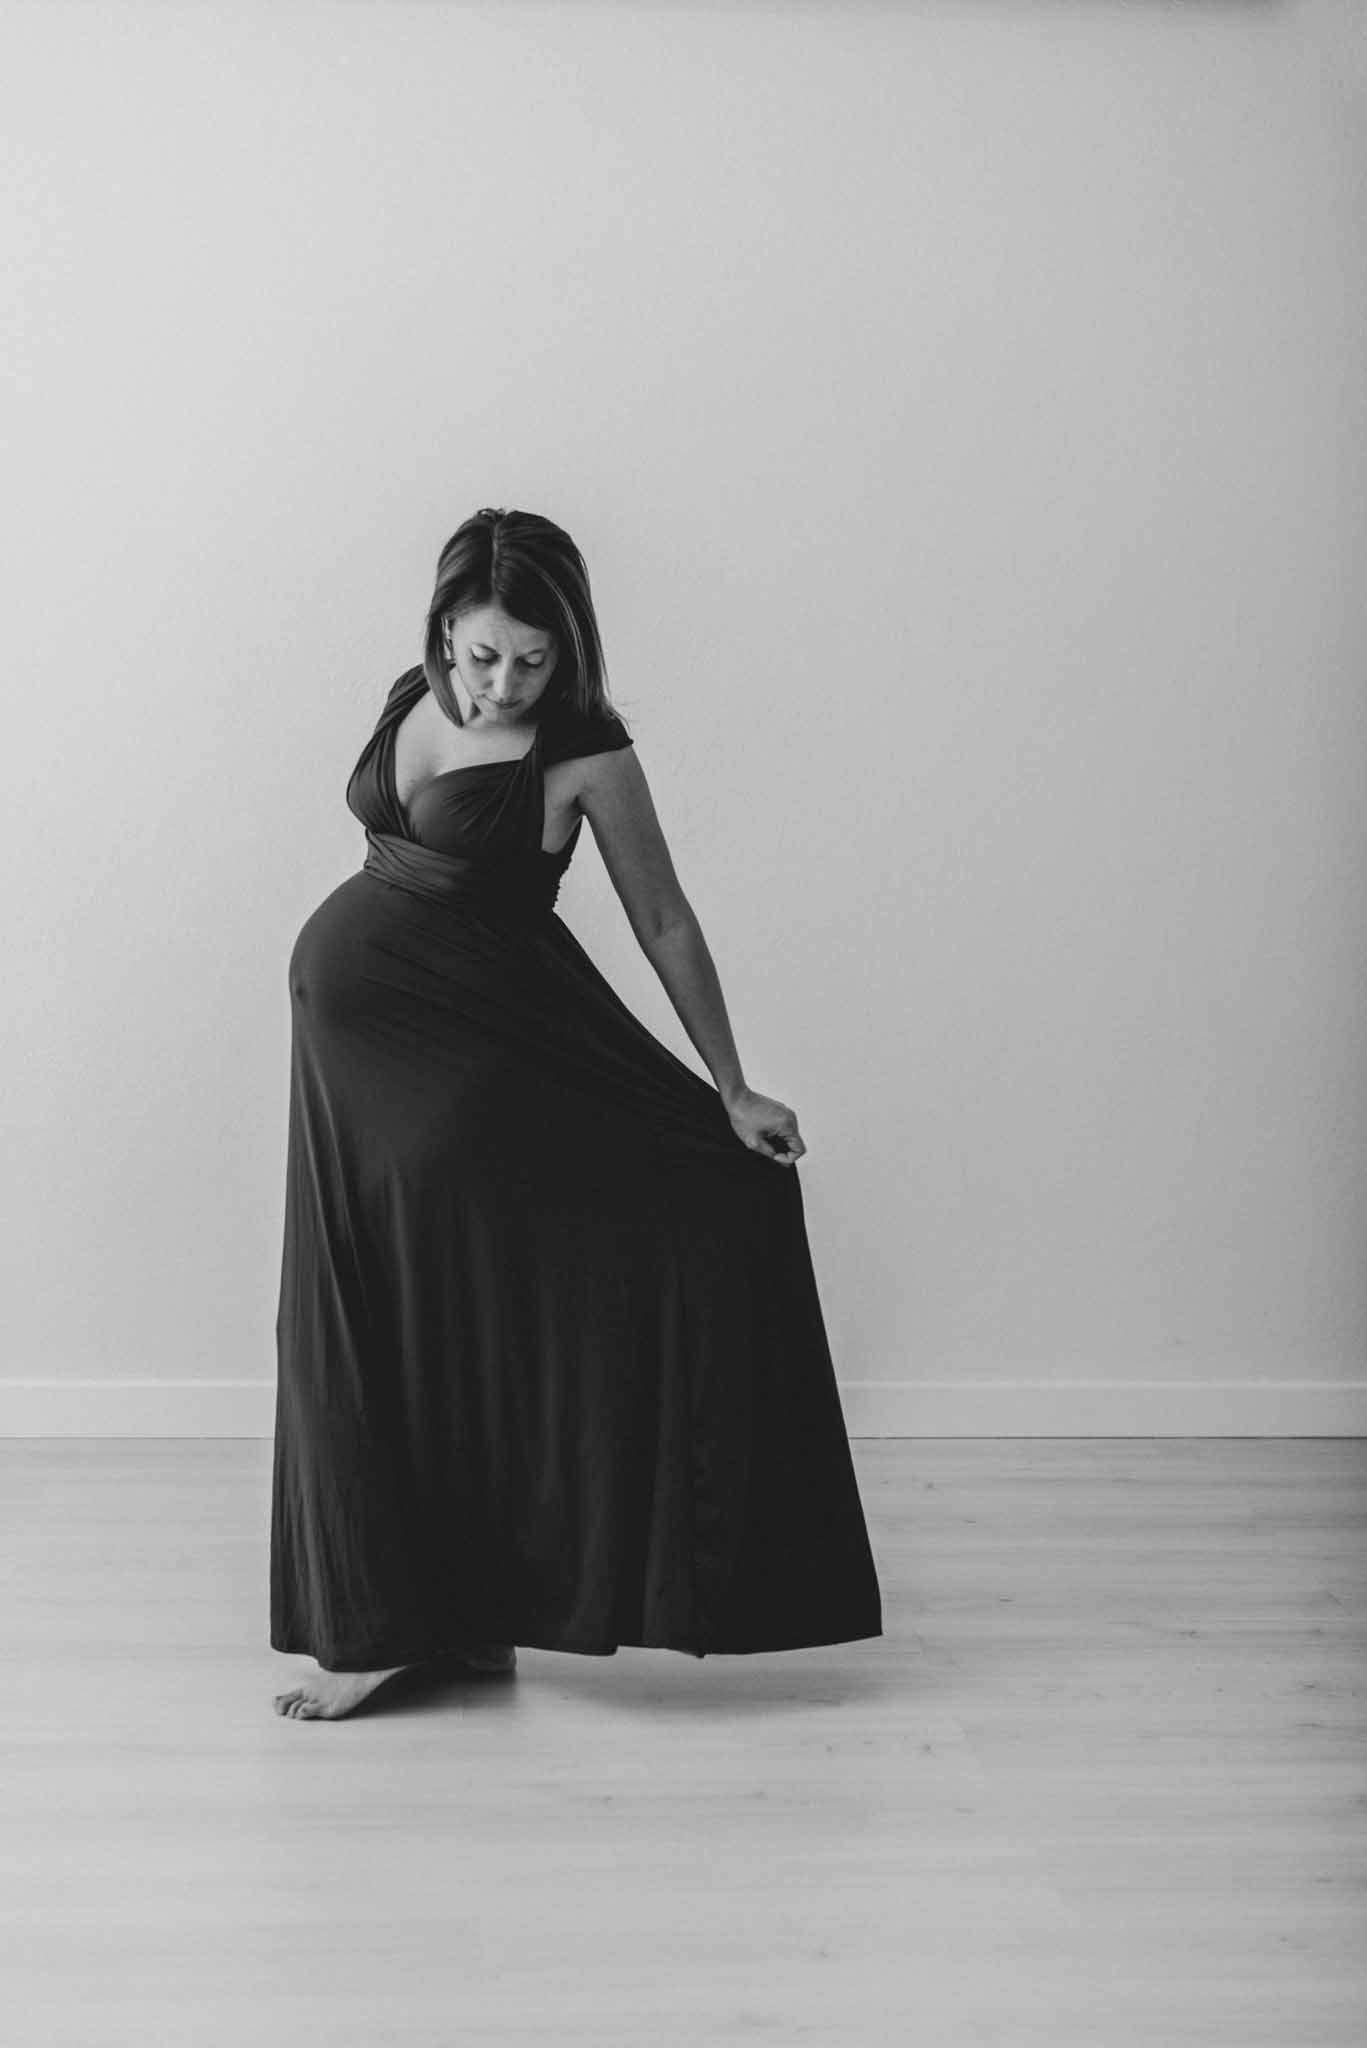 Servizio fotografico gravidanza a Napoli - Fotografia Gravidanza, Maternità e Premaman Napoli in studio e Reportage - Fotografo specializzato in genitorialità, nascita e newborn.